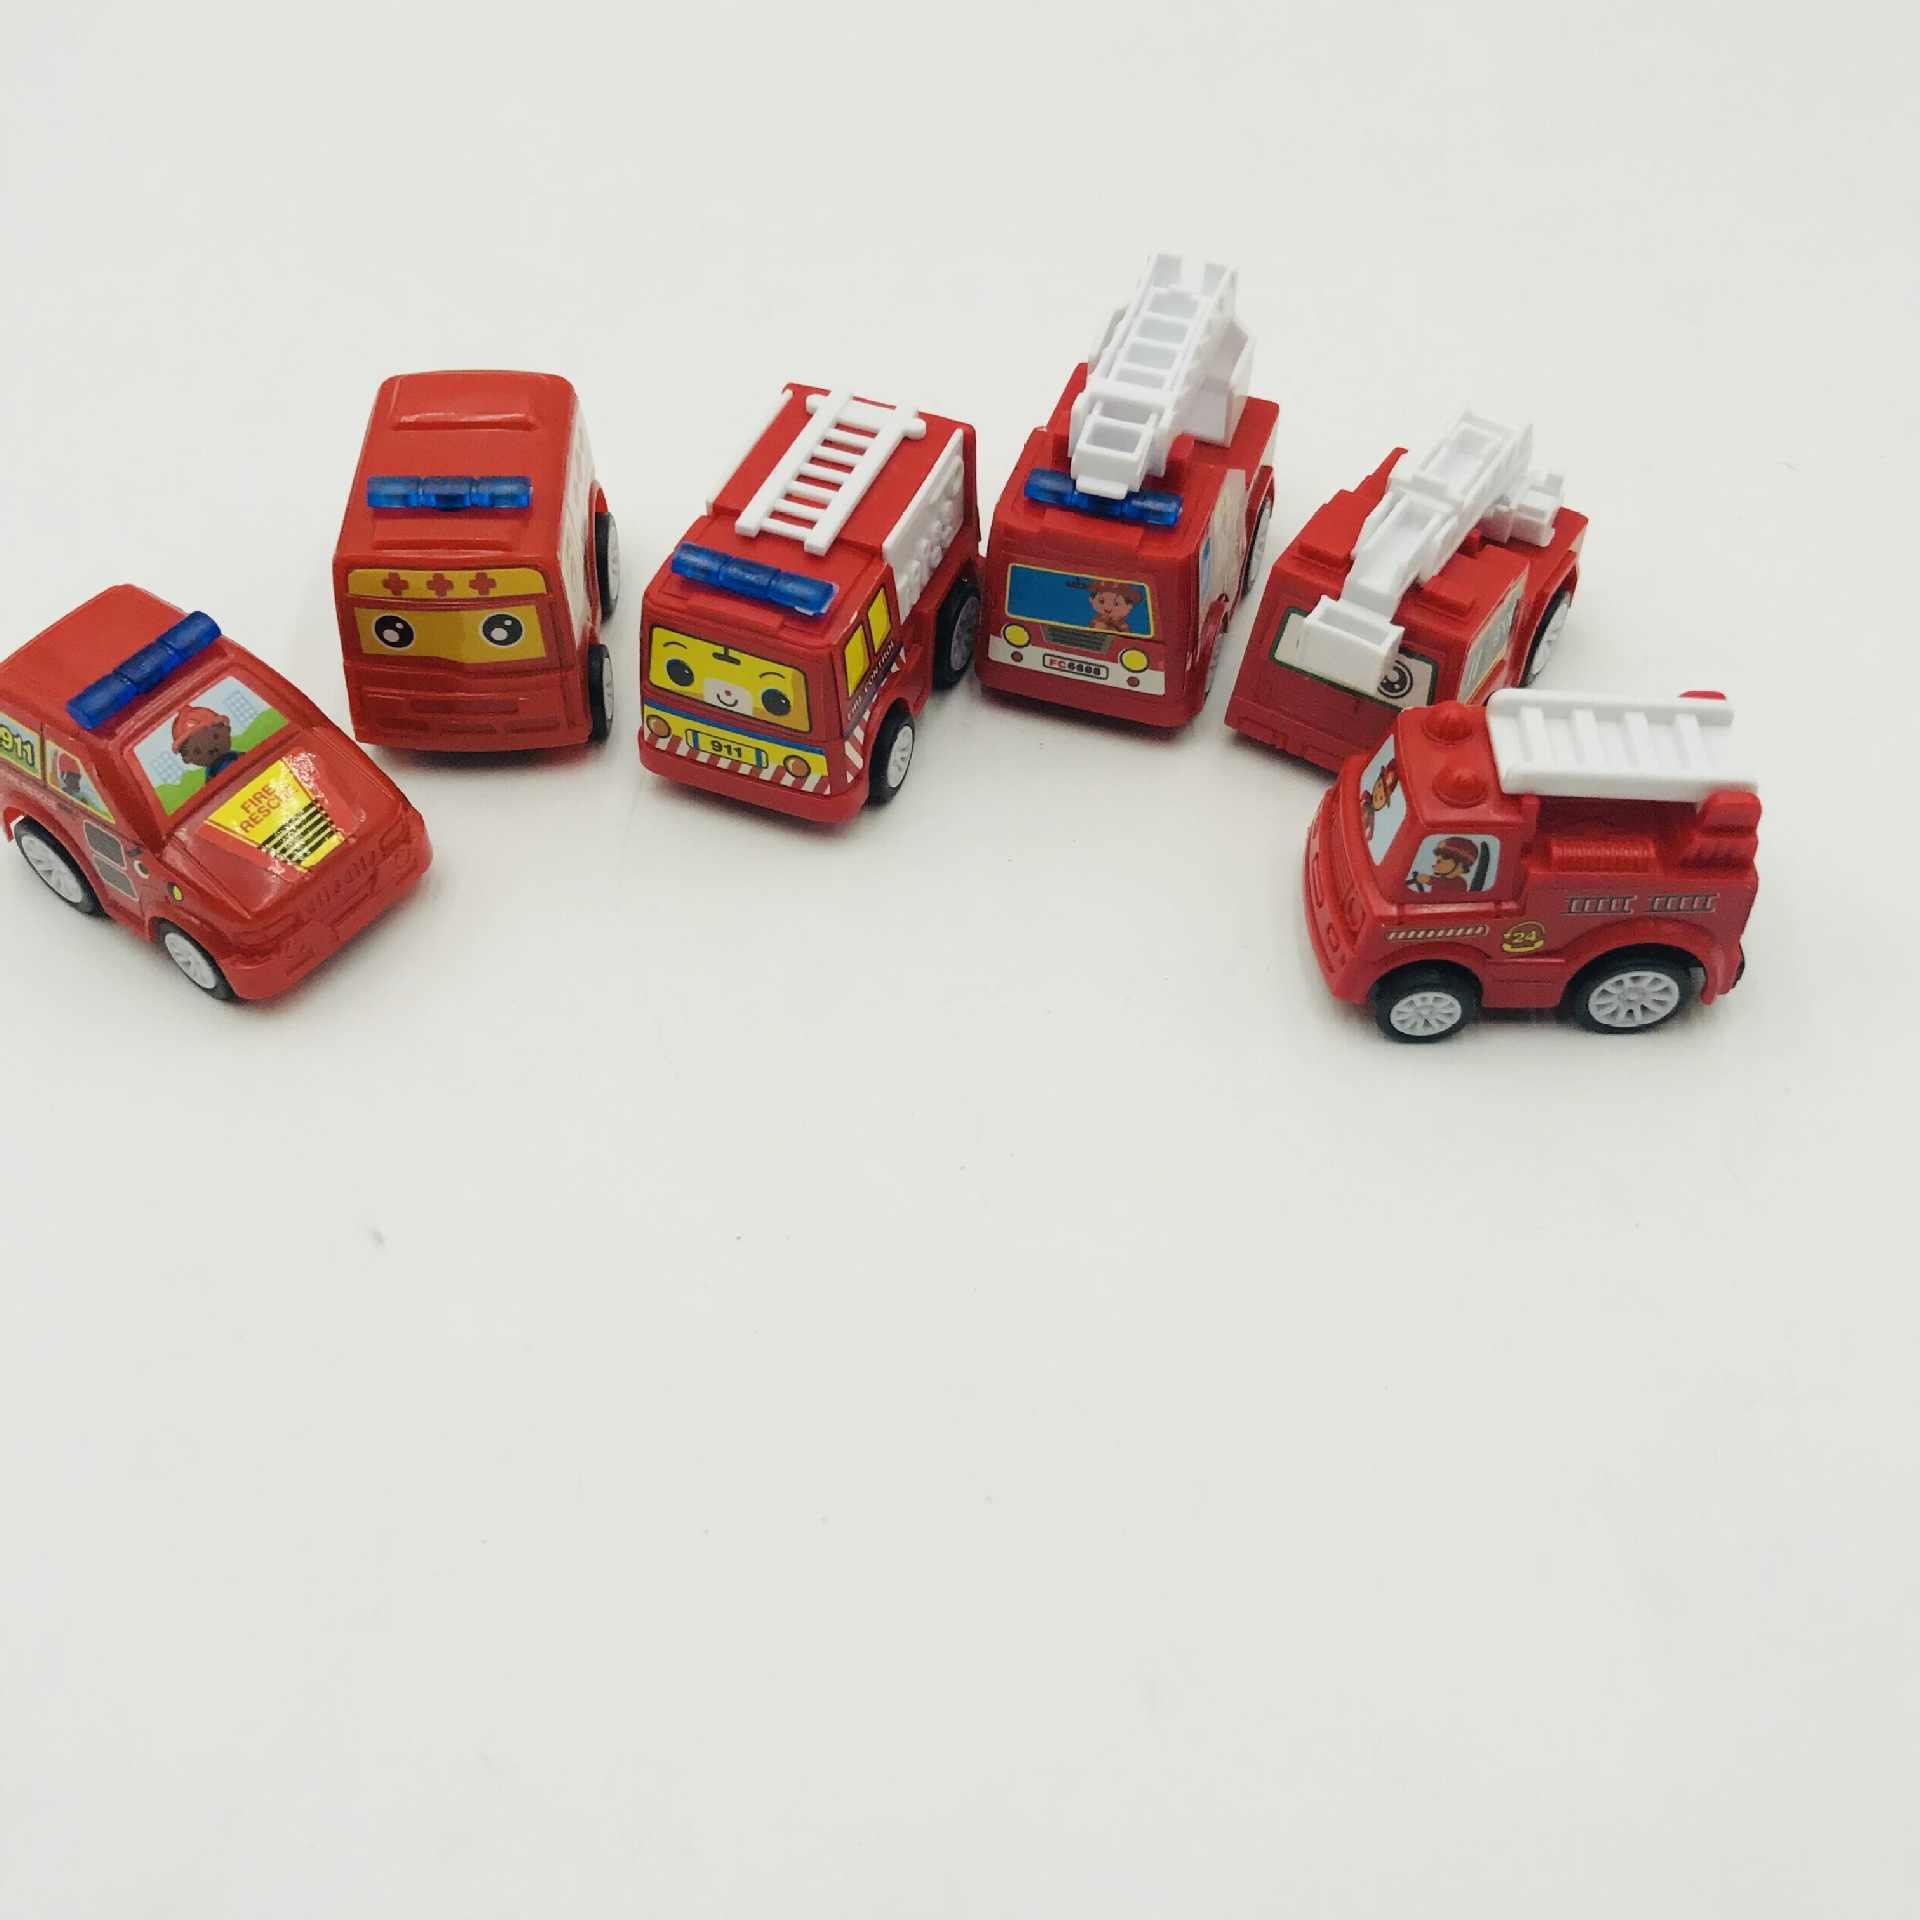 6pcs ดึงกลับรถของเล่น Mobile Machinery Shop รถก่อสร้าง Fire รถบรรทุกรถแท็กซี่รุ่นเด็กรถมินิของขวัญเด็กของเล่น 2019